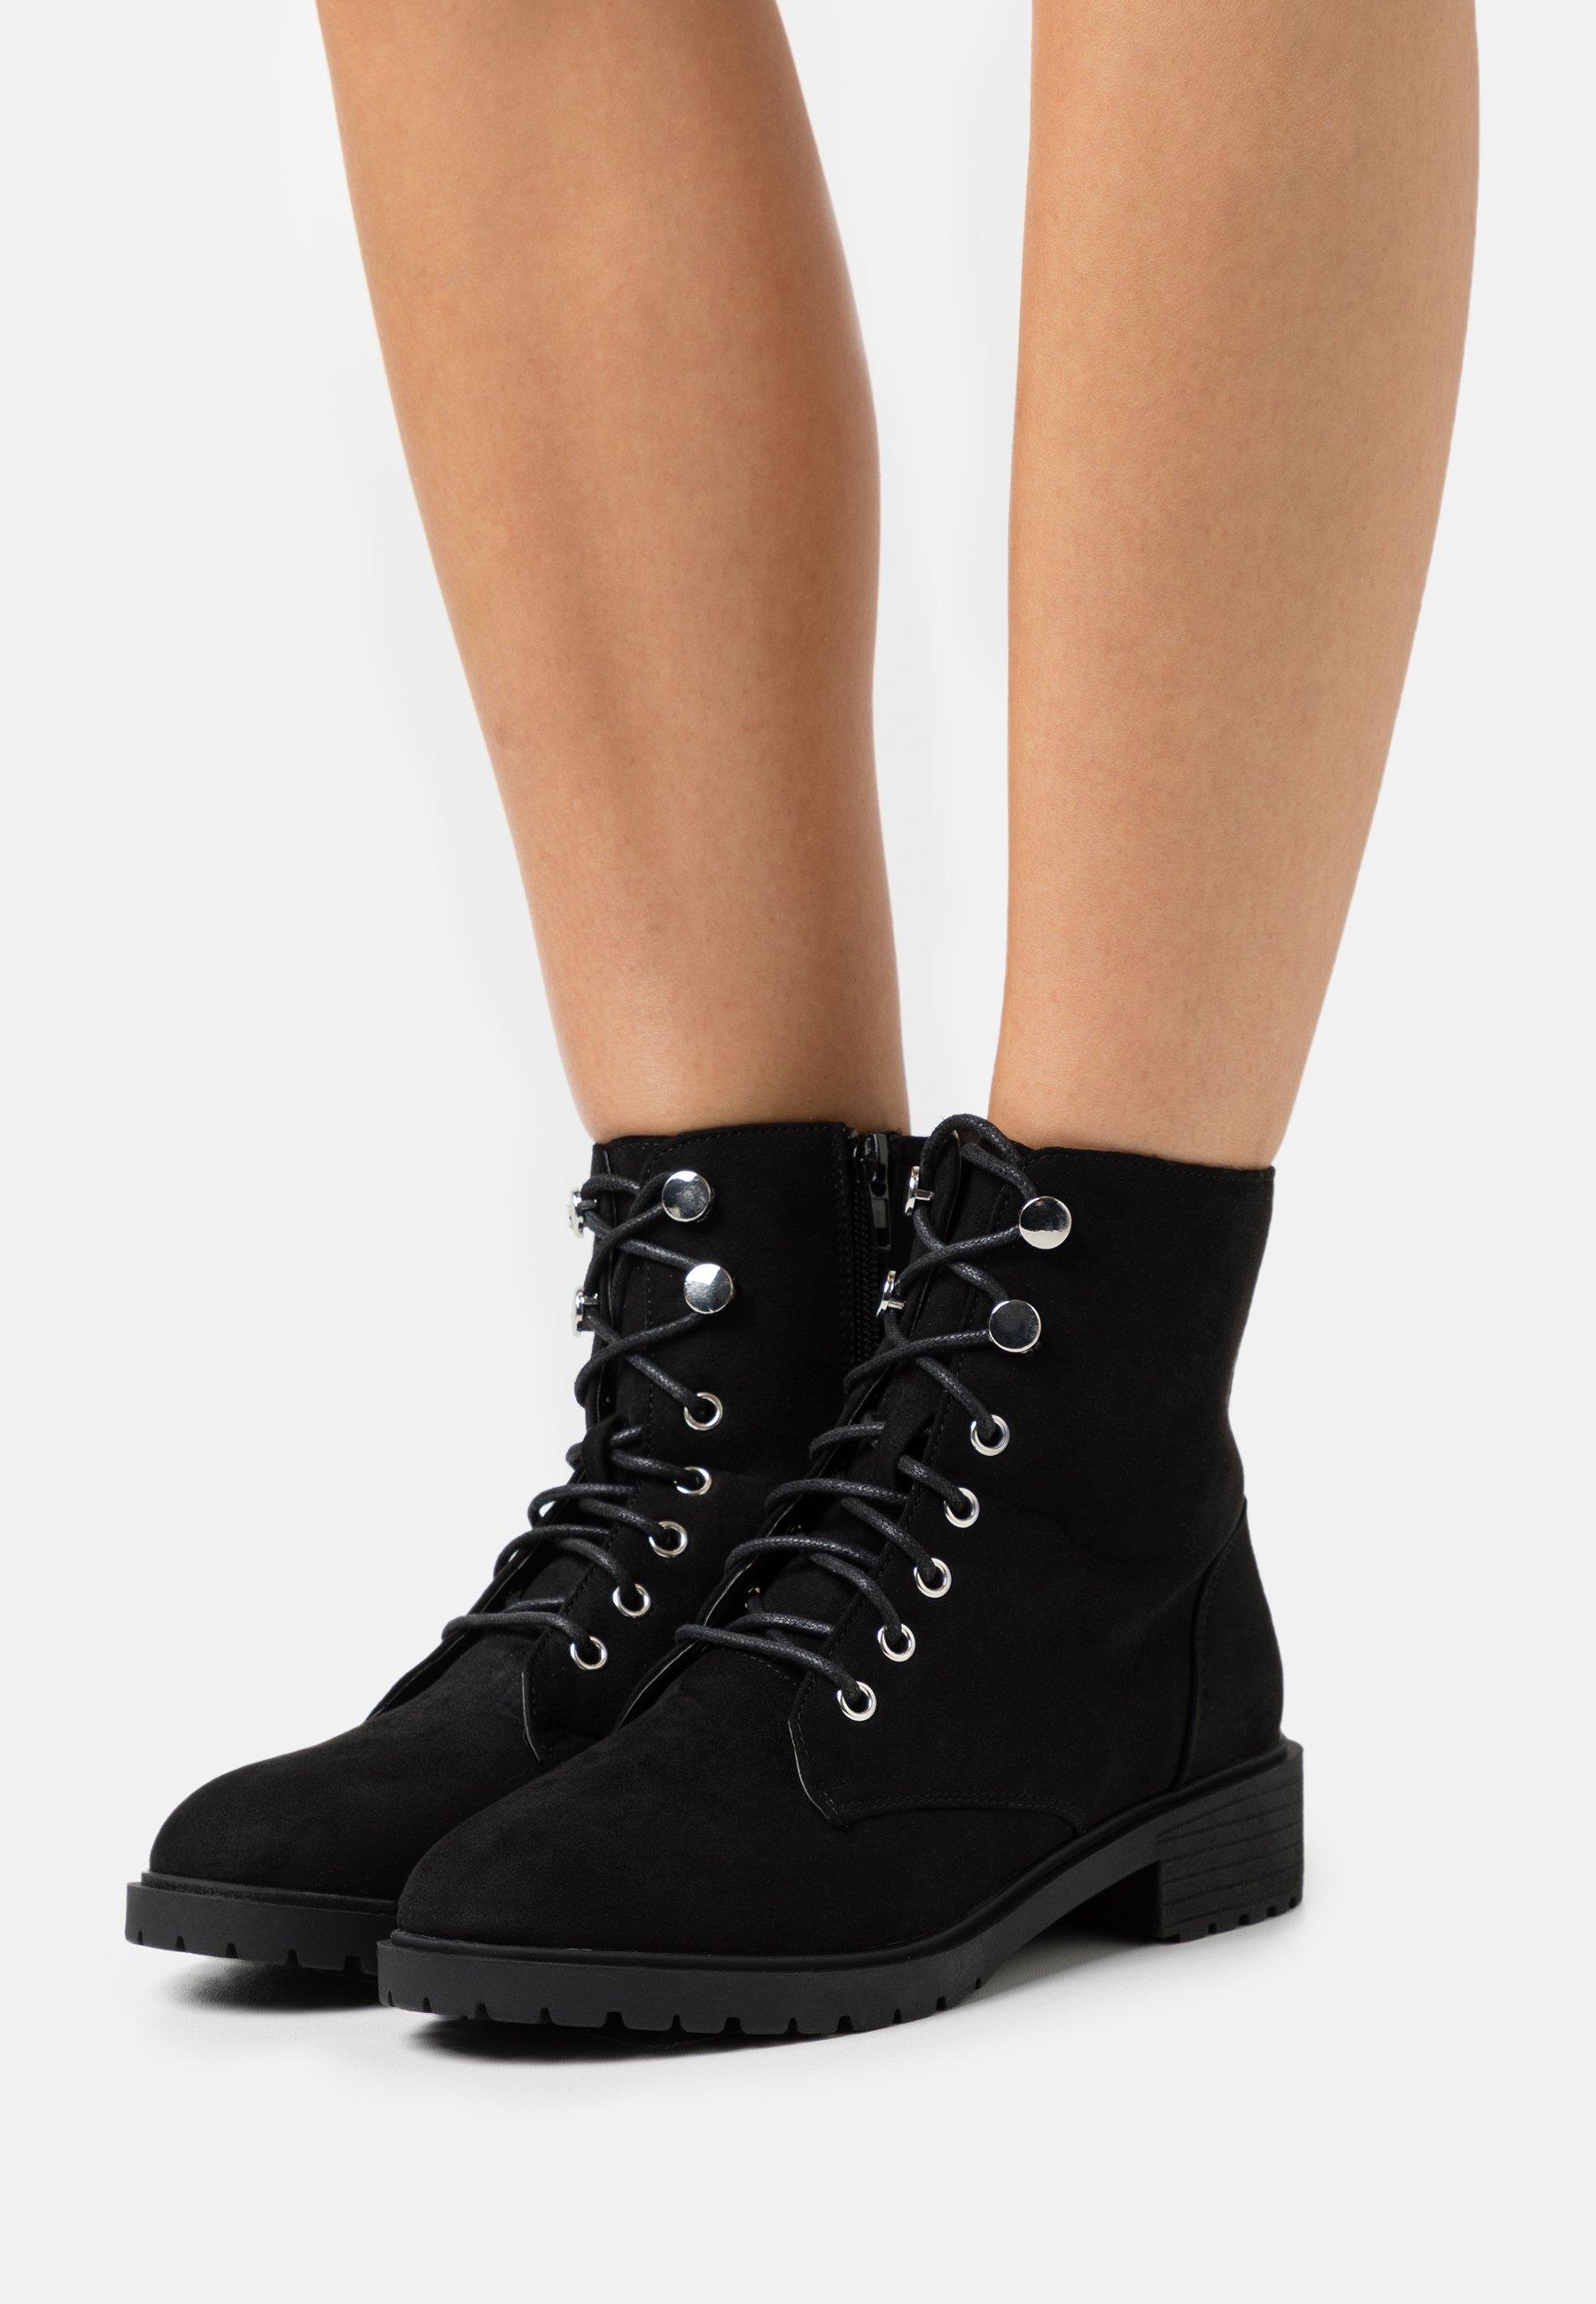 Femme CRISTA - Bottines à lacets - black